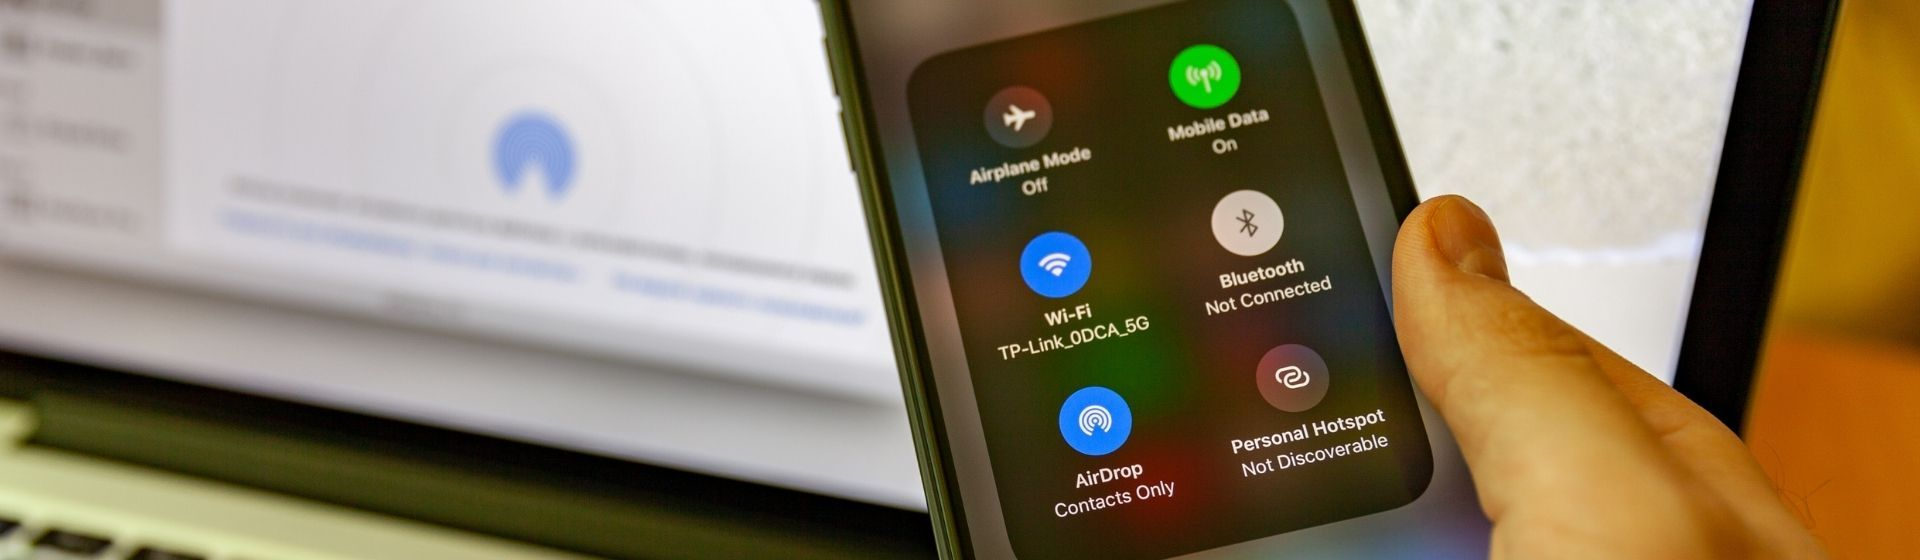 Airdrop: como fazer transferência com a ferramenta do iPhone